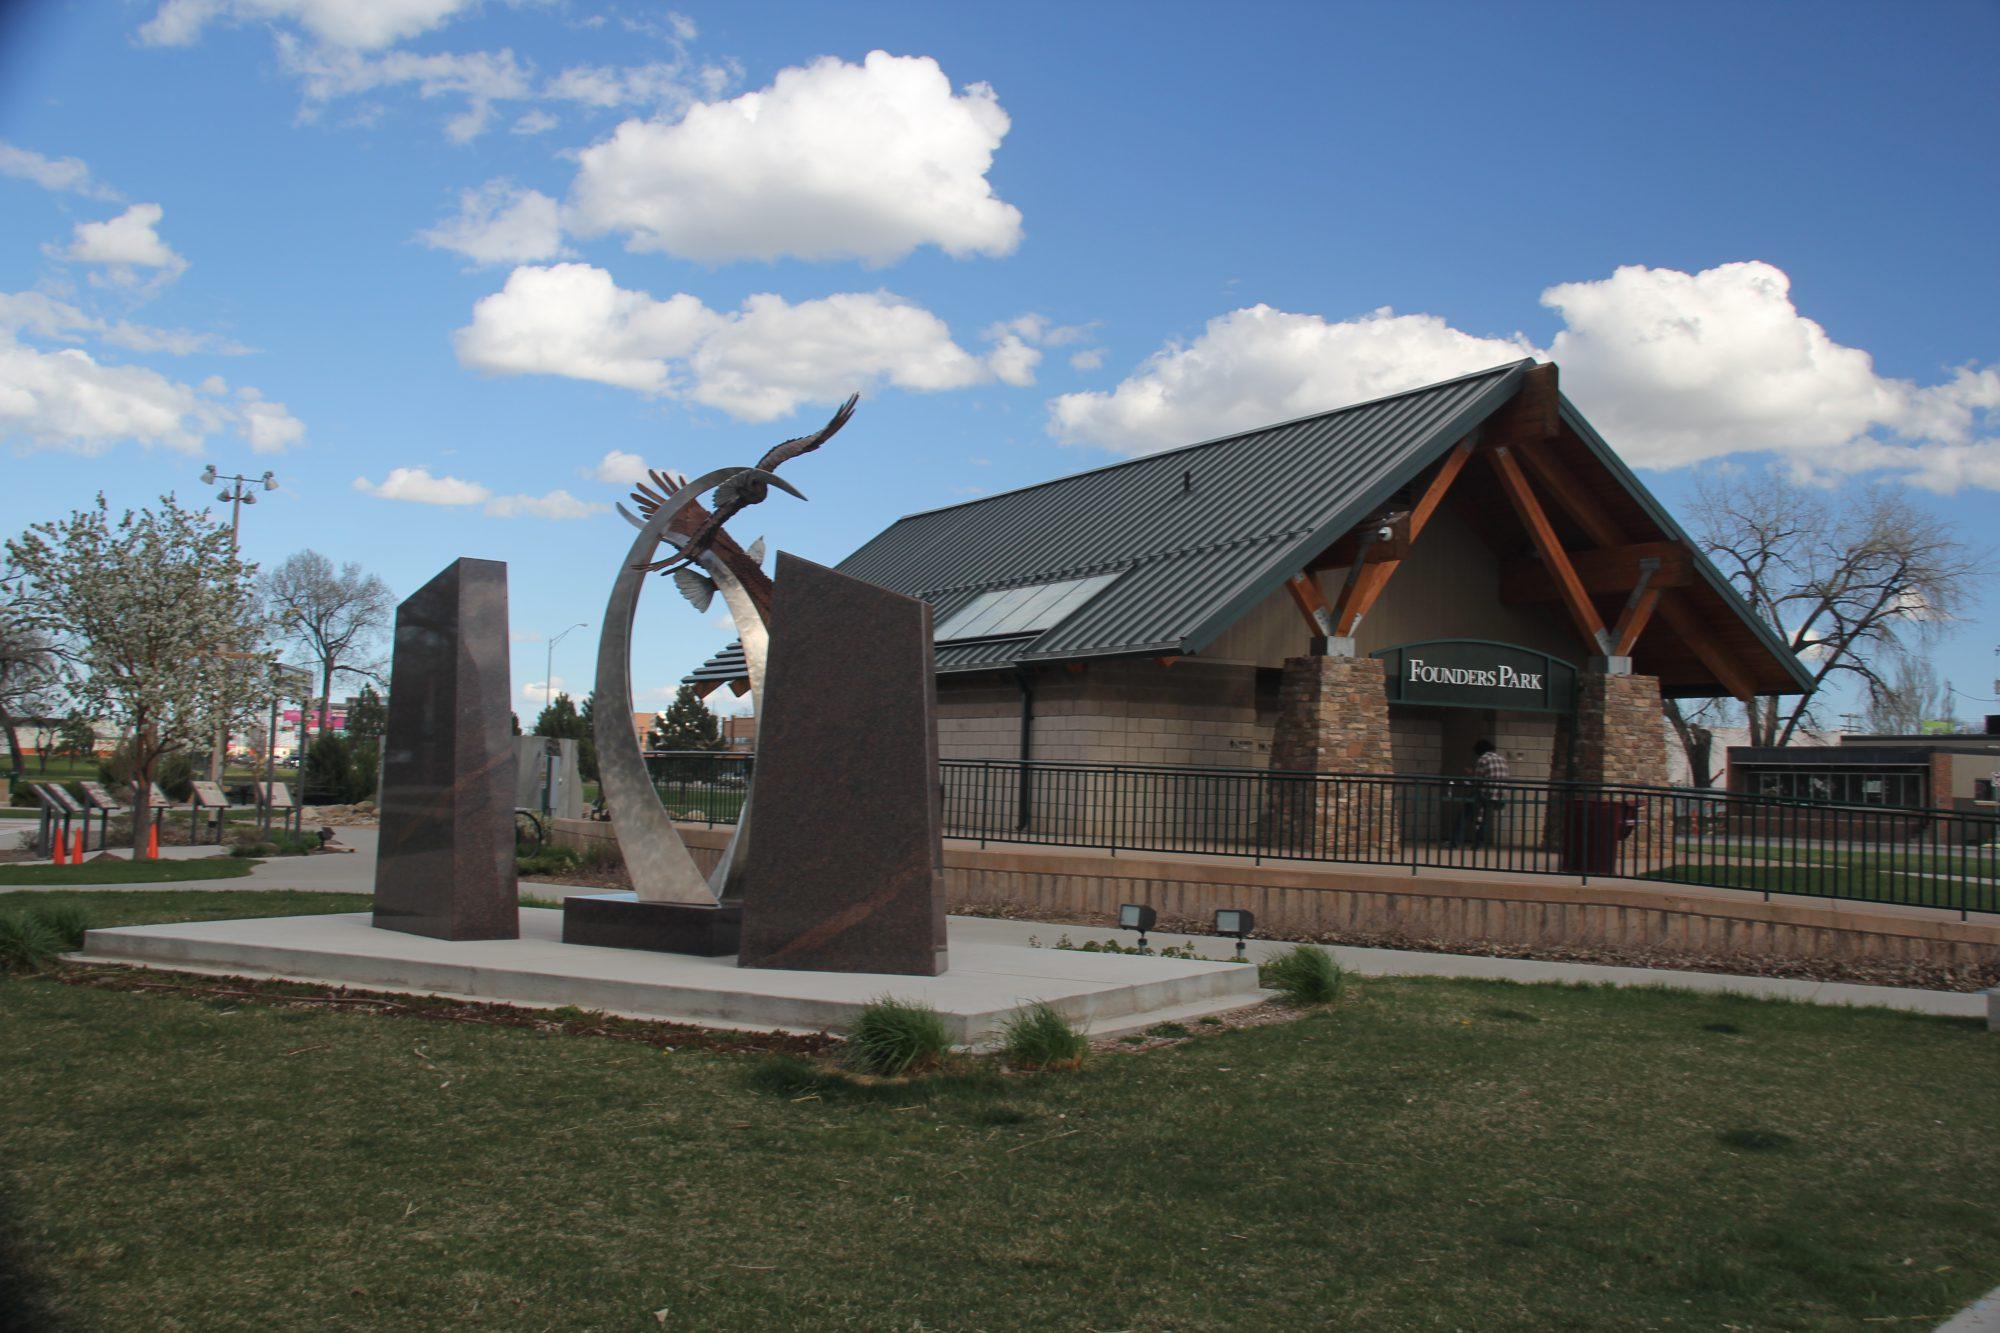 Founder's Park Art